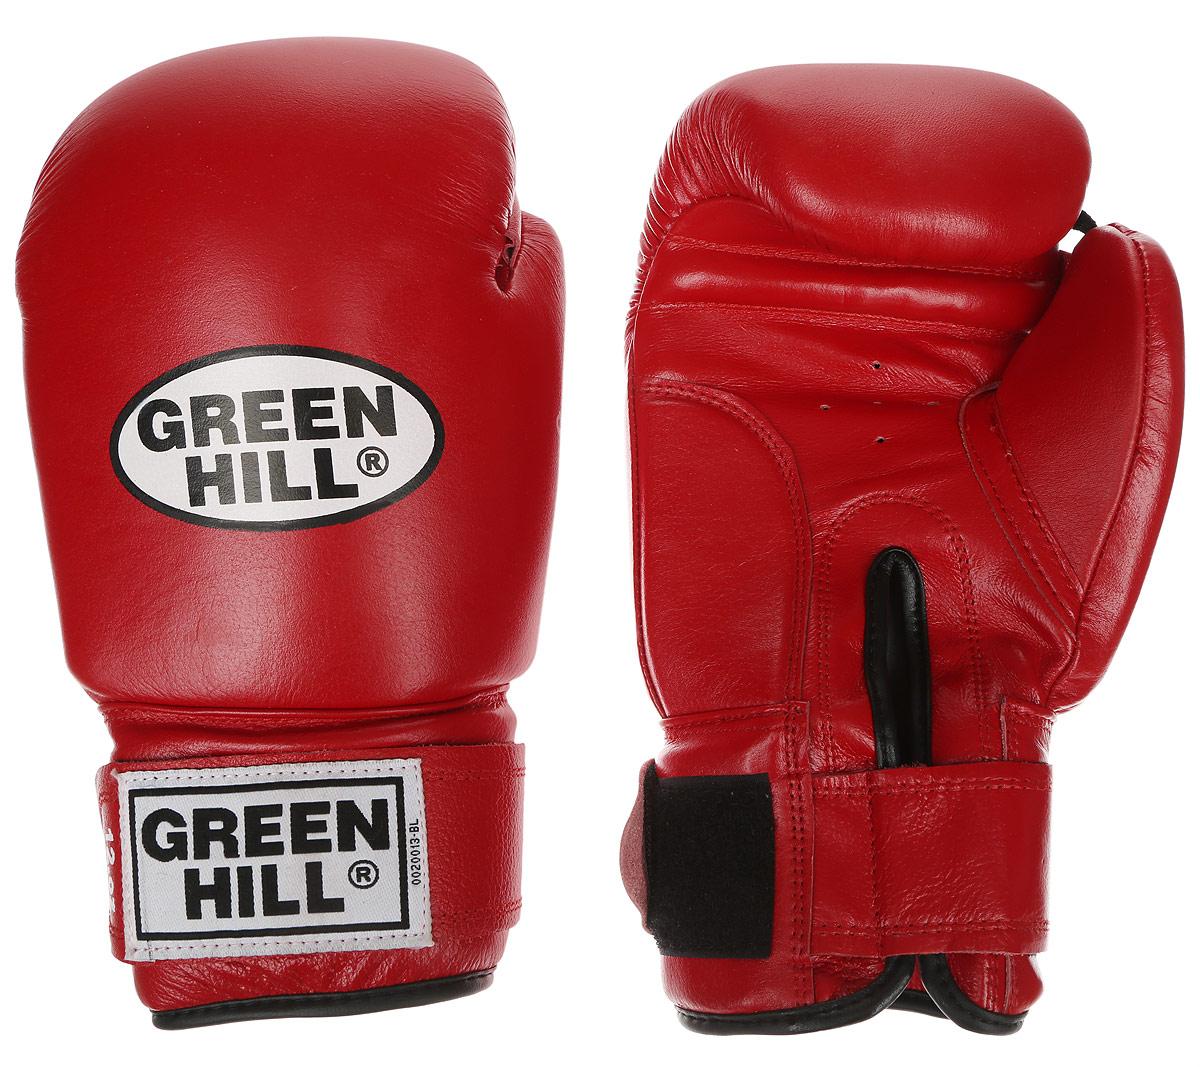 Перчатки боксерские Green Hill Super Star, цвет: красный, белый. Вес 12 унций. BGS-1213сG-2036310Боксерские перчатки Green Hill Super Star предназначены для использования профессионалами. Подойдут для спаррингов и соревнований. Верх выполнен из натуральной кожи, наполнитель - из вспененного полимера. Отверстие в области ладони позволяет создать максимально комфортный терморежим во время занятий. Манжет на липучке способствует быстрому и удобному надеванию перчаток, плотно фиксирует перчатки на руке.